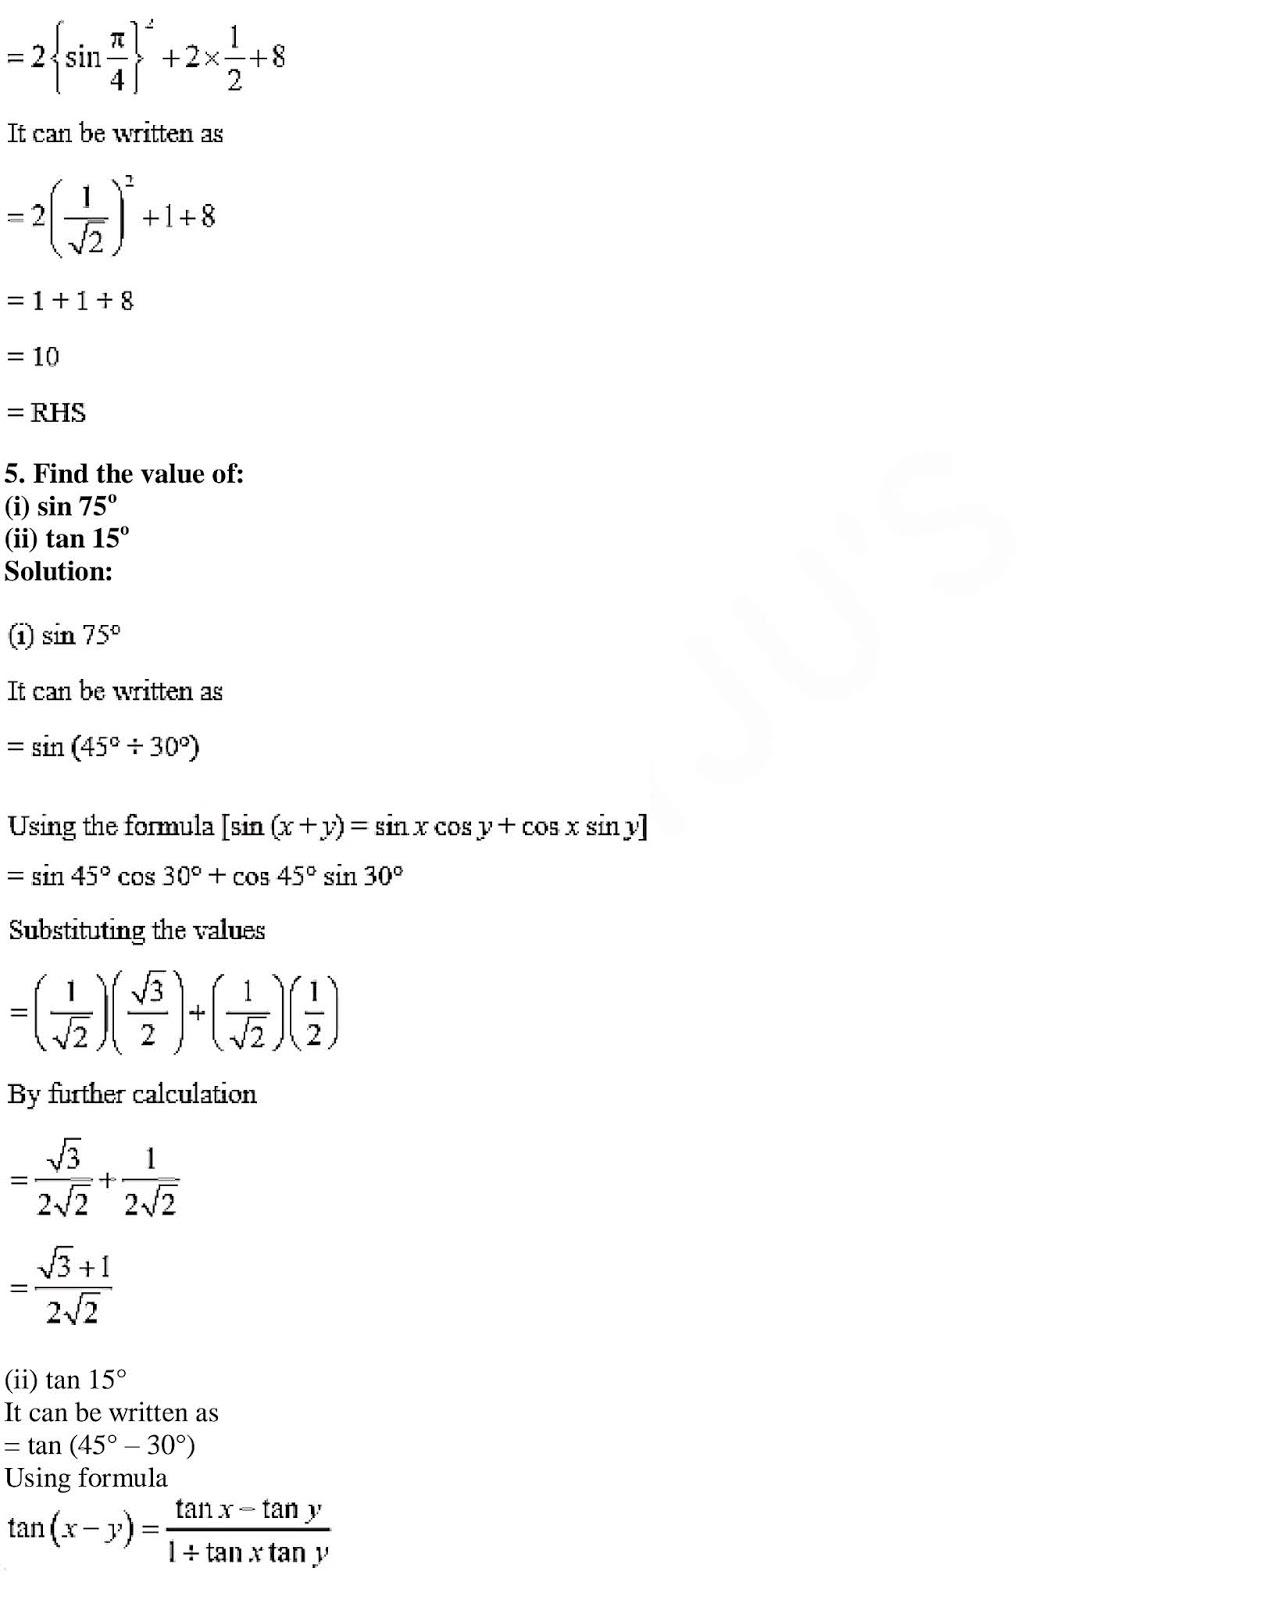 Class 11 Maths Chapter 3 Trigonometric Functions,  11th Maths book in hindi,11th Maths notes in hindi,cbse books for class  11,cbse books in hindi,cbse ncert books,class  11  Maths notes in hindi,class  11 hindi ncert solutions, Maths 2020, Maths 2021, Maths 2022, Maths book class  11, Maths book in hindi, Maths class  11 in hindi, Maths notes for class  11 up board in hindi,ncert all books,ncert app in hindi,ncert book solution,ncert books class 10,ncert books class  11,ncert books for class 7,ncert books for upsc in hindi,ncert books in hindi class 10,ncert books in hindi for class  11  Maths,ncert books in hindi for class 6,ncert books in hindi pdf,ncert class  11 hindi book,ncert english book,ncert  Maths book in hindi,ncert  Maths books in hindi pdf,ncert  Maths class  11,ncert in hindi,old ncert books in hindi,online ncert books in hindi,up board  11th,up board  11th syllabus,up board class 10 hindi book,up board class  11 books,up board class  11 new syllabus,up Board  Maths 2020,up Board  Maths 2021,up Board  Maths 2022,up Board  Maths 2023,up board intermediate  Maths syllabus,up board intermediate syllabus 2021,Up board Master 2021,up board model paper 2021,up board model paper all subject,up board new syllabus of class 11th Maths,up board paper 2021,Up board syllabus 2021,UP board syllabus 2022,   11 वीं मैथ्स पुस्तक हिंदी में,  11 वीं मैथ्स नोट्स हिंदी में, कक्षा  11 के लिए सीबीएससी पुस्तकें, हिंदी में सीबीएससी पुस्तकें, सीबीएससी  पुस्तकें, कक्षा  11 मैथ्स नोट्स हिंदी में, कक्षा  11 हिंदी एनसीईआरटी समाधान, मैथ्स 2020, मैथ्स 2021, मैथ्स 2022, मैथ्स  बुक क्लास  11, मैथ्स बुक इन हिंदी, बायोलॉजी क्लास  11 हिंदी में, मैथ्स नोट्स इन क्लास  11 यूपी  बोर्ड इन हिंदी, एनसीईआरटी मैथ्स की किताब हिंदी में,  बोर्ड  11 वीं तक,  11 वीं तक की पाठ्यक्रम, बोर्ड कक्षा 10 की हिंदी पुस्तक  , बोर्ड की कक्षा  11 की किताबें, बोर्ड की कक्षा  11 की नई पाठ्यक्रम, बोर्ड मैथ्स 2020, यूपी   बोर्ड मैथ्स 2021, यूपी  बोर्ड मैथ्स 2022, यूपी  बोर्ड मैथ्स 2023, यूपी  बोर्ड इंटरमीडिएट बायोलॉ